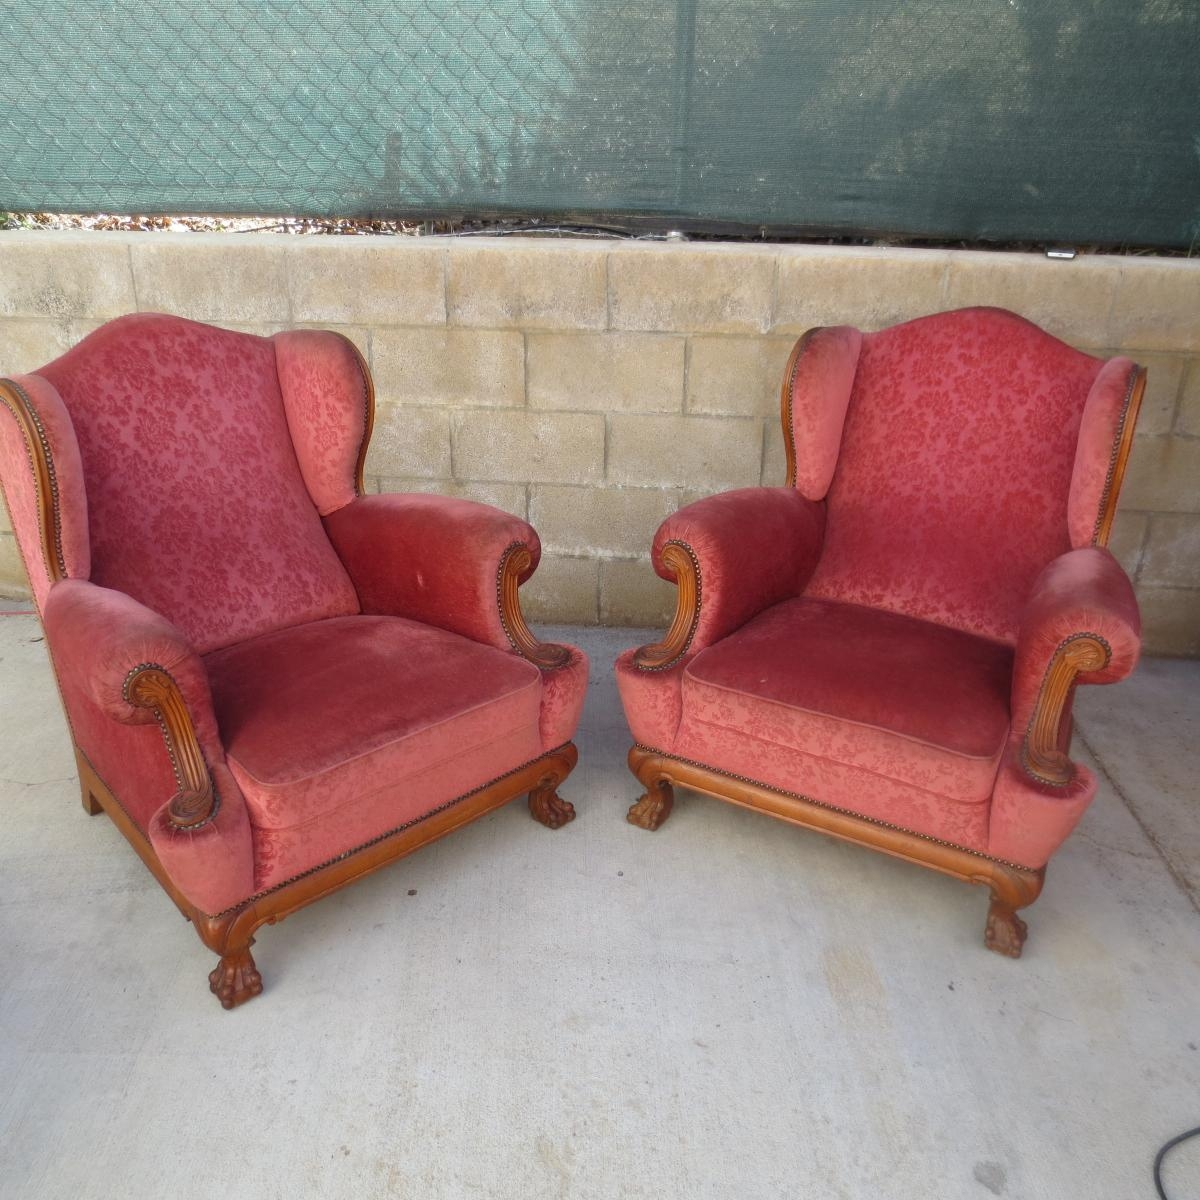 Antique Furniture, Antique Sofas, Antique Couches, Antique Living Regarding Antique Sofa Chairs (Image 2 of 20)